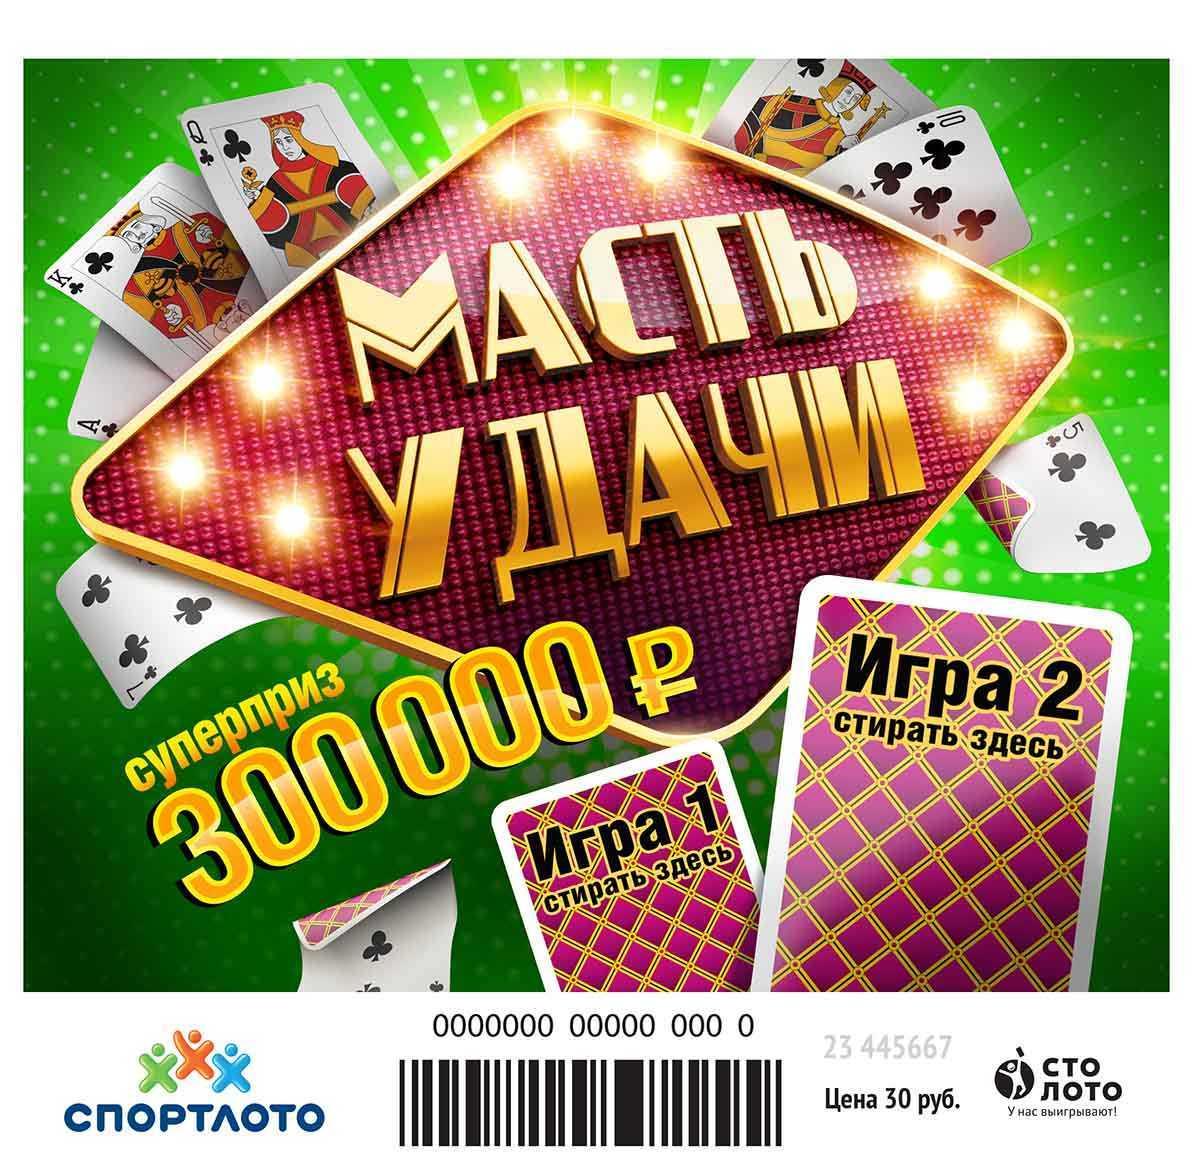 Chương trình tiền thưởng Stoloto - tất cả, những điều bạn cần biết về tiền thưởng trên stoloto.ru